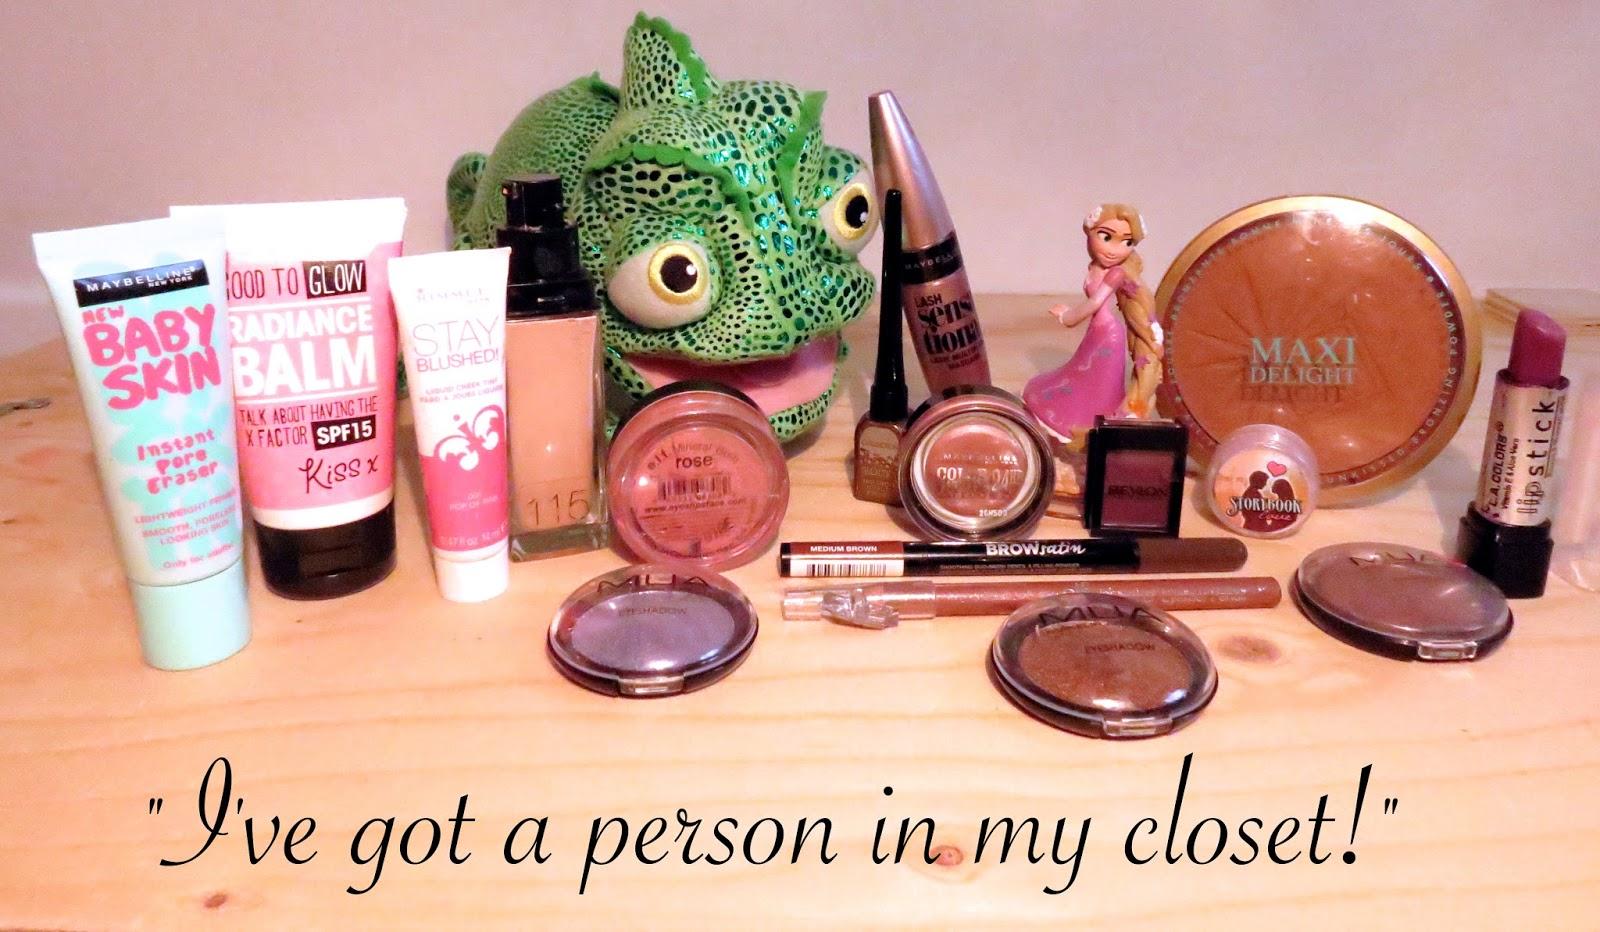 Maybelline Fit Me Foundation Rimmel London Stay Blushed Blush In Pop Of Pink Elf Rose Makeup Revolution Highlighter